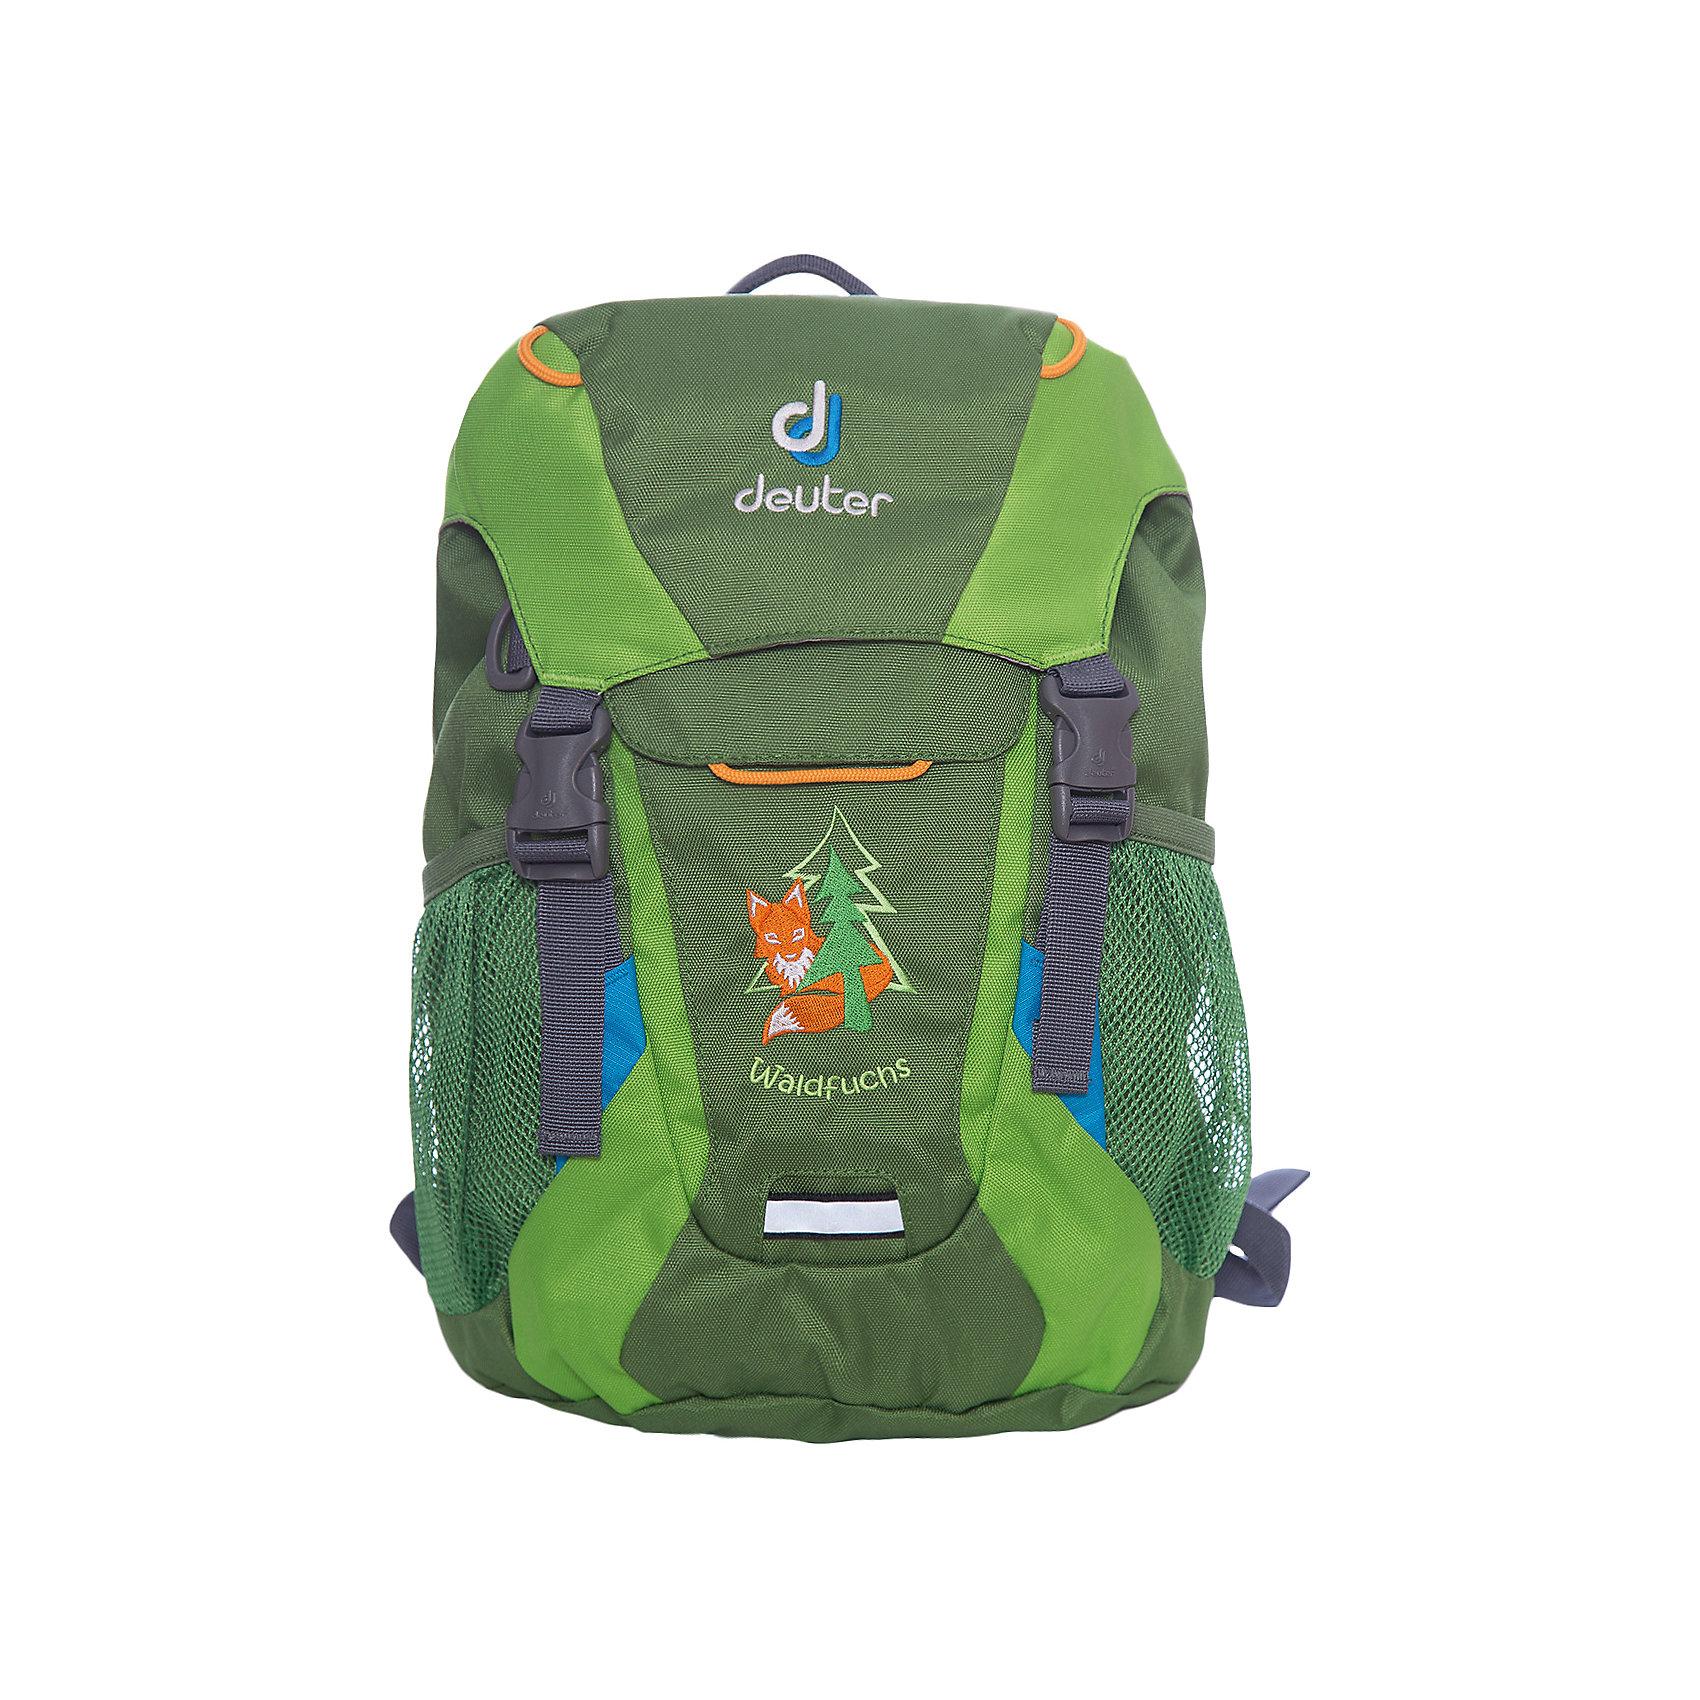 Рюкзак Waldfuchs, изумрудно-зеленыйРюкзак Waldfuchs, изумрудно-зеленый, Deuter (Дойтер)<br><br>Характеристики:<br><br>• мягкая спинка и плечевые ремни<br>• основное отделение закрывается на клапан и имеет застежки<br>• внешний карман с застежкой Velcro<br>• съемный коврик для усиления спинки подходит для сидения<br>• боковые сетчатые карманы<br>• карман с карабином для ключей<br>• именная бирка внутри<br>• уплотненное дно<br>• две петли на внешней стороне<br>• объем: 10 л<br>• материал: Super-Polytex<br>• вес: 370 грамм<br>• цвет: изумрудно-зеленый<br><br>Рюкзак Waldfuchs идеально подойдет для любителей активного отдыха. Он имеет одно вместительное отделение, застегивающееся на клапан с застежками, внешний карман и сетчатые боковые карманы на резинке. Внешний карман оснащен карабином, на который можно прикрепить ключи. Внутреннее отделение имеет съемный коврик. При ношении он уплотняет спинку рюкзака, а во время перерыва его можно использовать в качестве сидения. Рюкзак изготовлен из материала Super-Polytex. Он устойчив к намоканию и не истирается. Ко всему прочему, рюкзак имеет именную бирку внутри и две петли для снаряжения на внешней стороне. Waldfuchs - отличный вариант для семейных походов и занятий спортом!<br><br>Рюкзак Waldfuchs, изумрудно-зеленый, Deuter (Дойтер) вы можете купить в нашем интернет-магазине.<br><br>Ширина мм: 150<br>Глубина мм: 350<br>Высота мм: 240<br>Вес г: 350<br>Возраст от месяцев: 36<br>Возраст до месяцев: 84<br>Пол: Унисекс<br>Возраст: Детский<br>SKU: 4782525